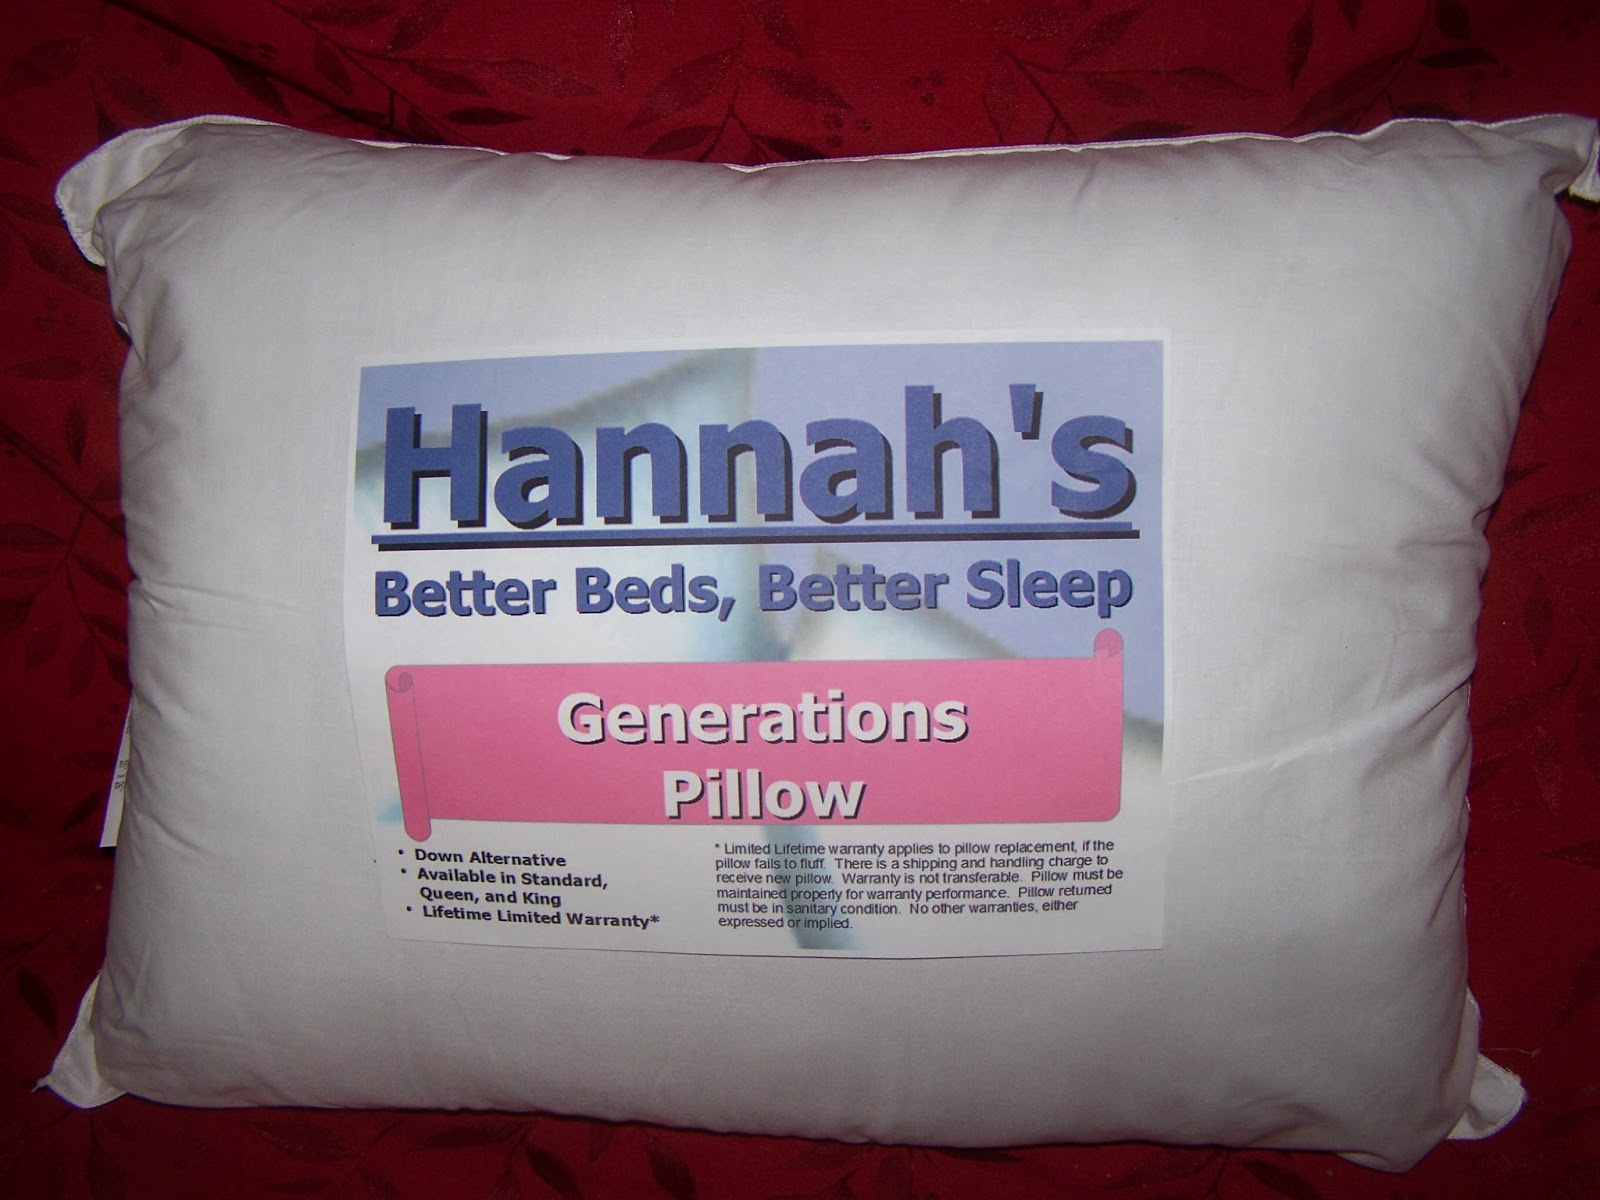 http://hannahsbetterbeds.com/Generations_Pillow.html